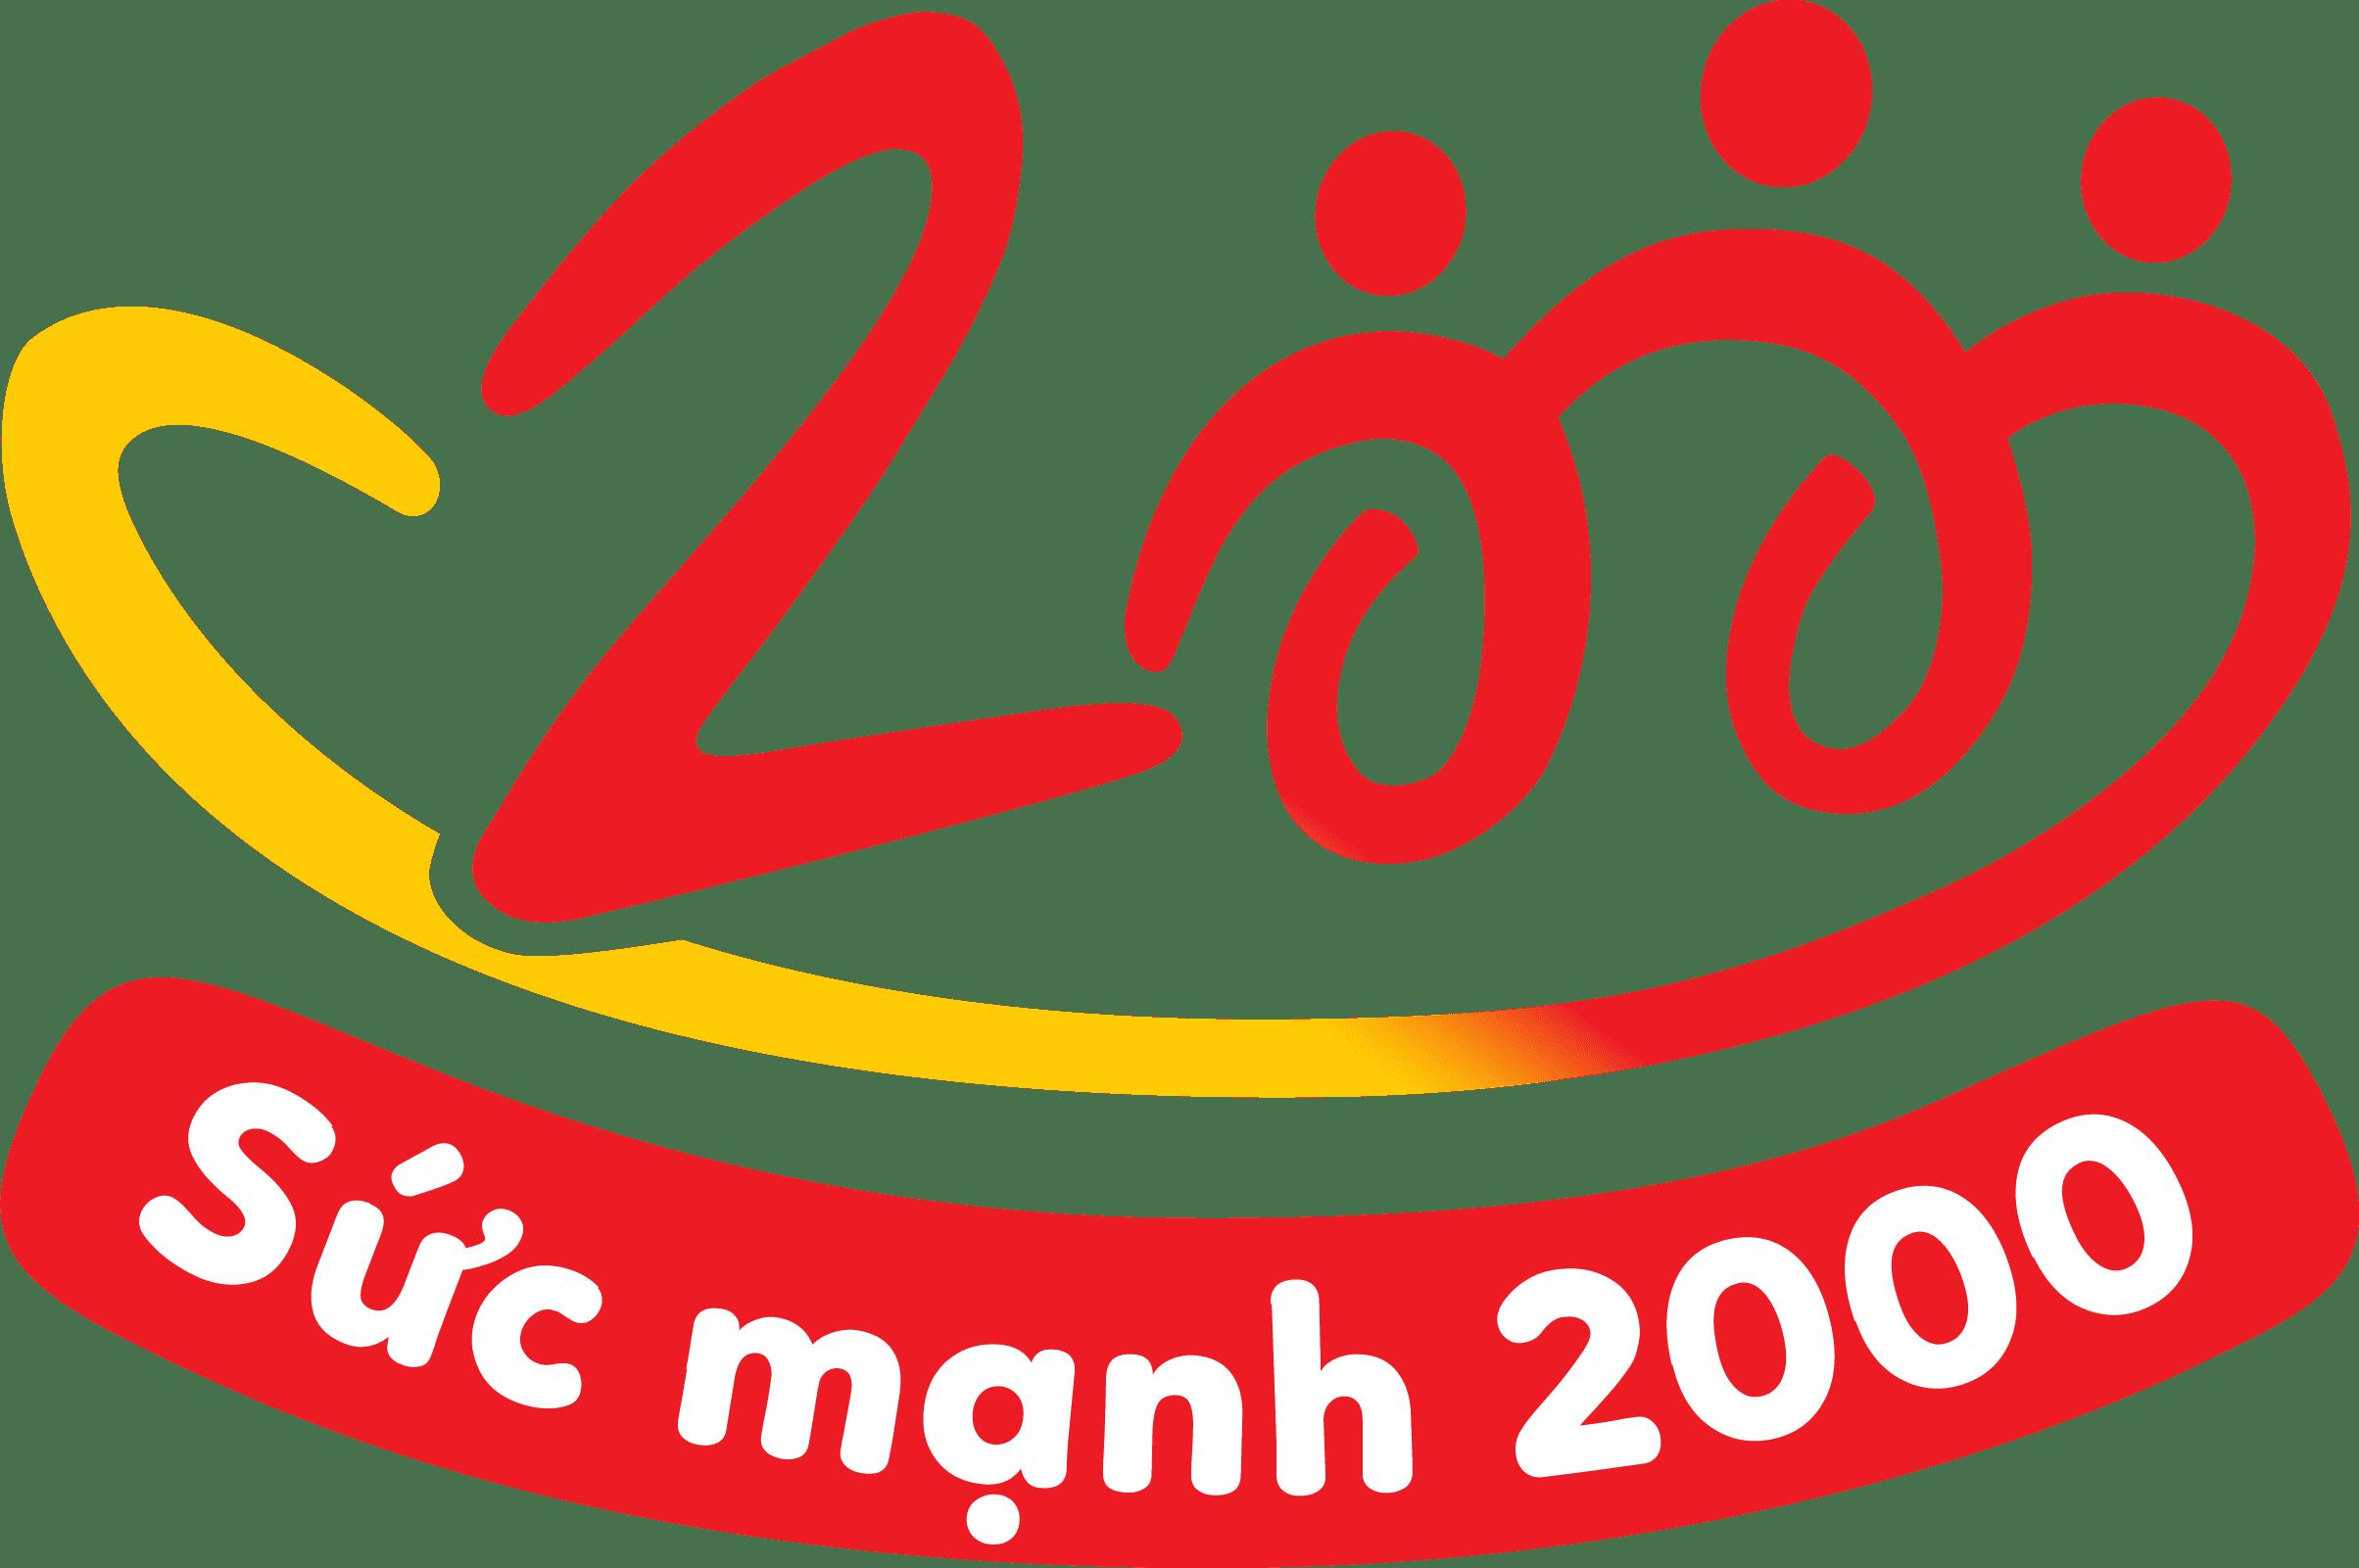 Sức Mạnh 2000 – Tin Tức